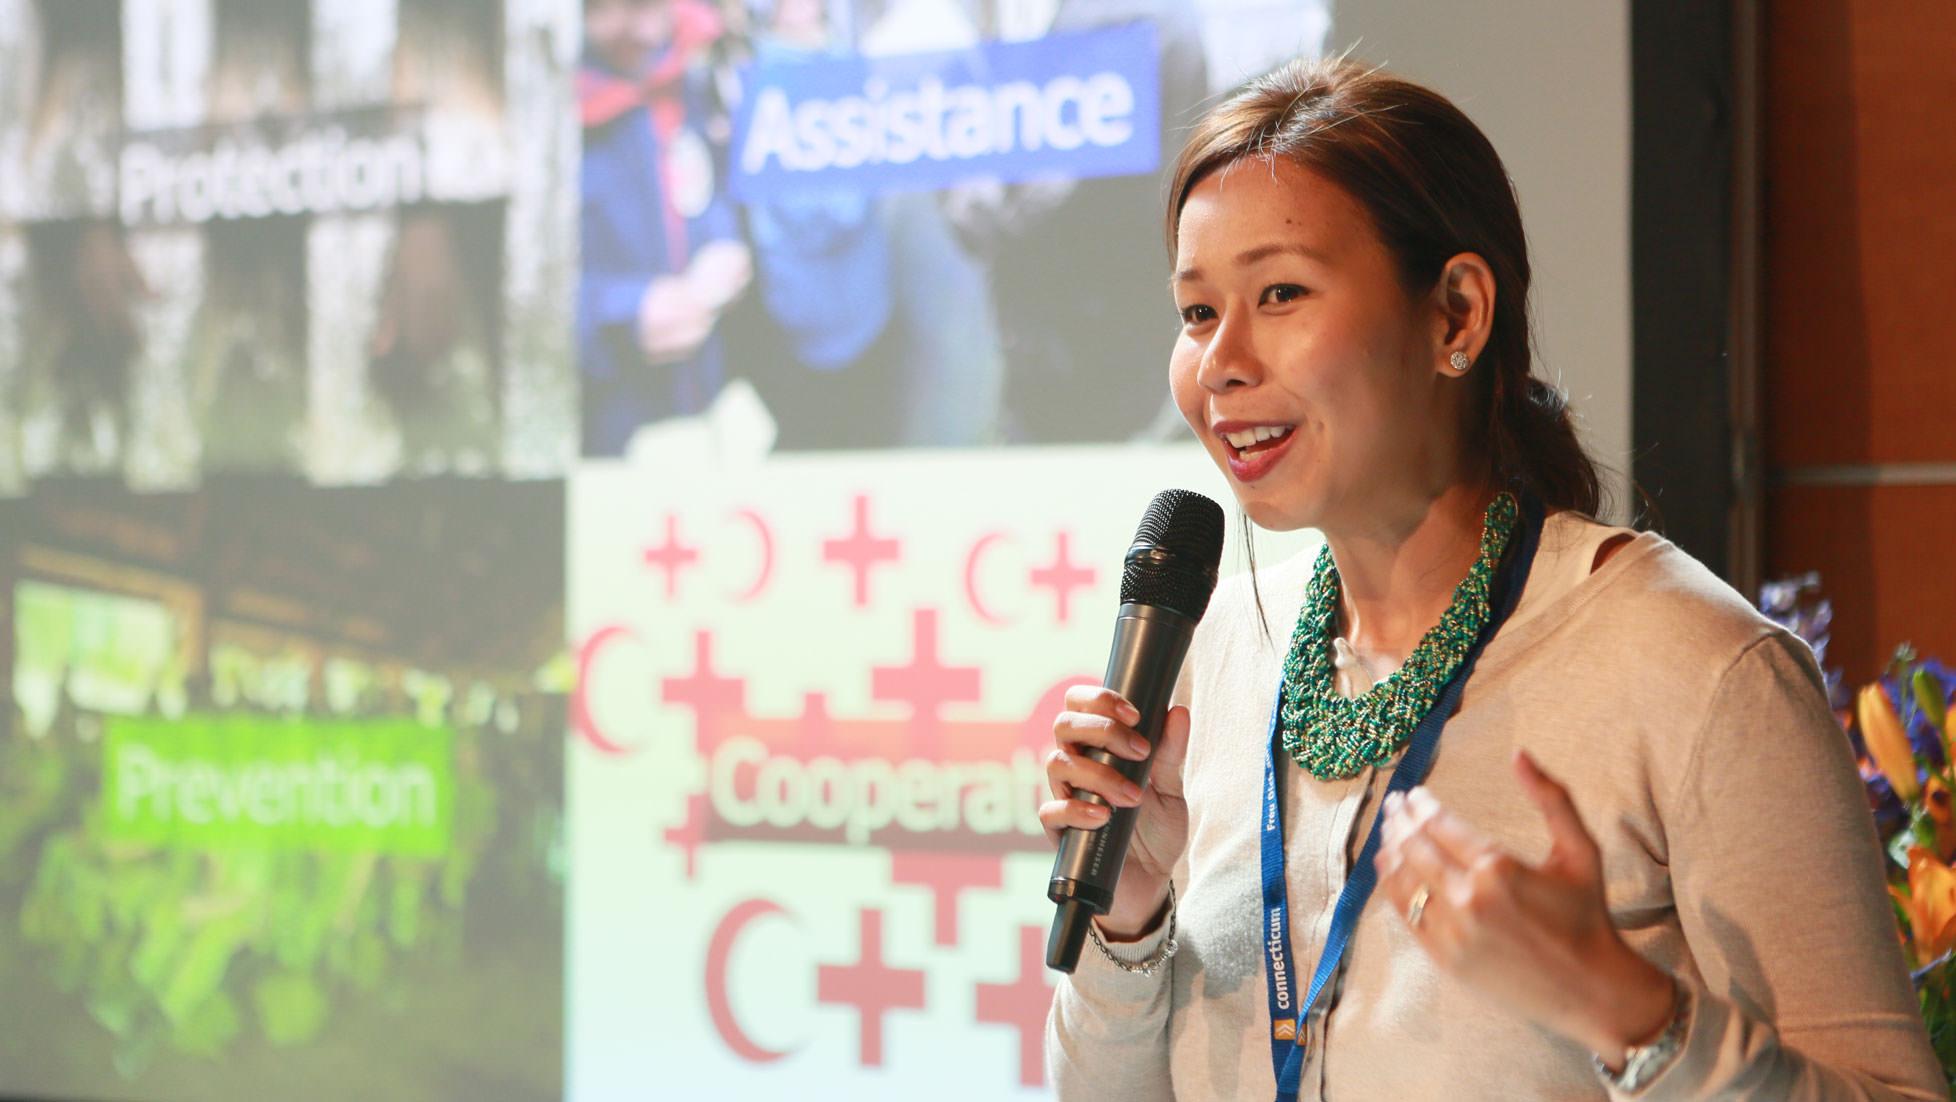 Foto Firmenvortrag auf der Firmenkontaktmesse